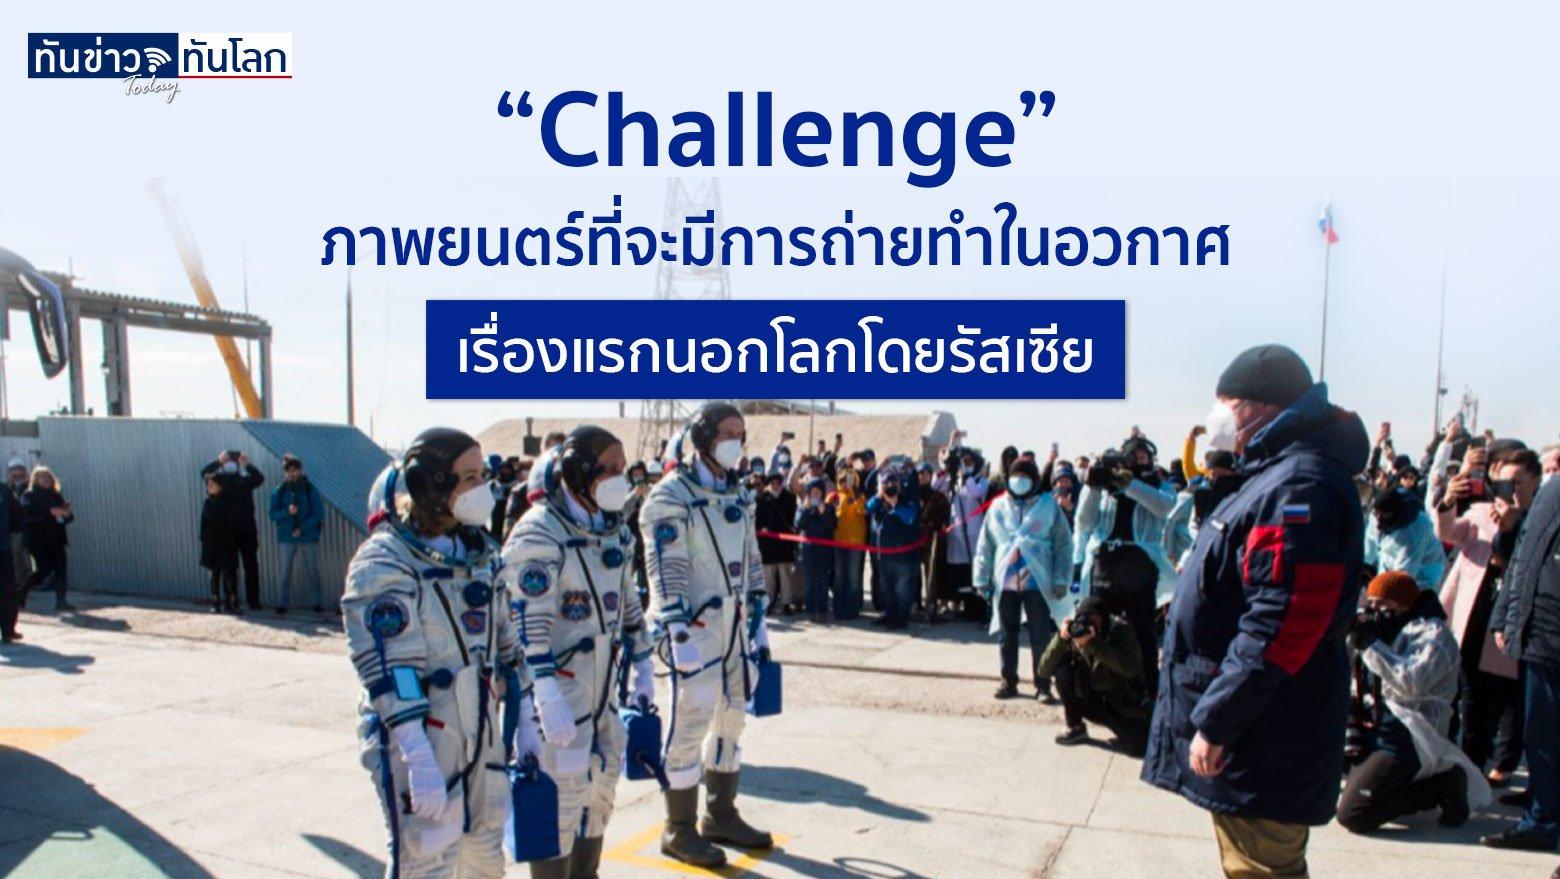 """""""Challenge"""" ภาพยนตร์ที่จะมีการถ่ายทำในอวกาศเรื่องแรกนอกโลกโดยรัสเซีย"""